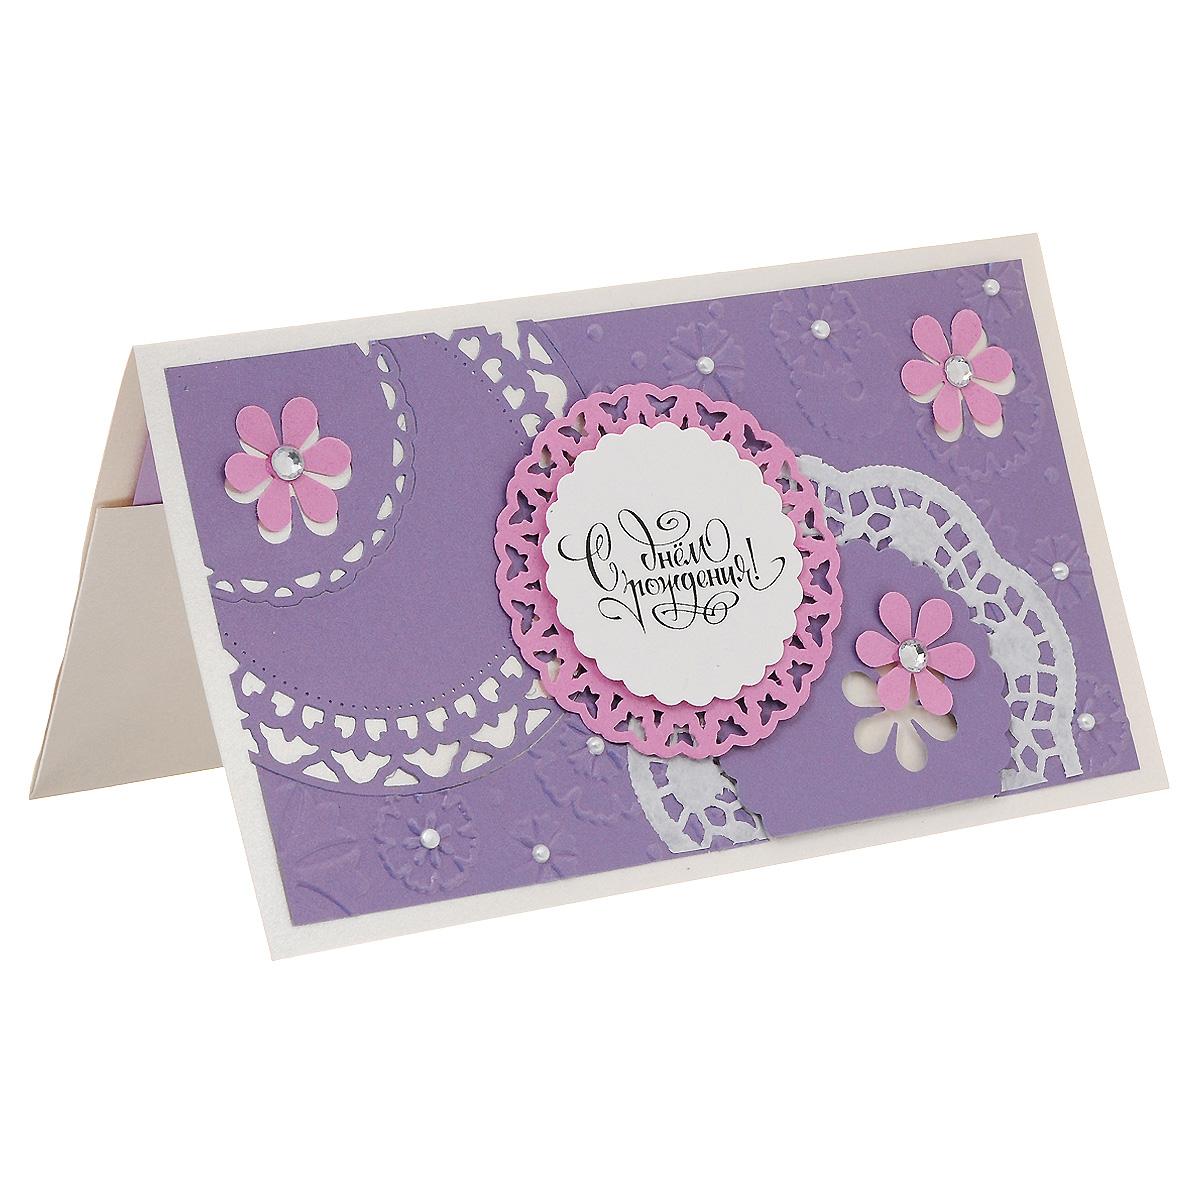 ОЖ-0004 Открытка-конверт «С Днём Рождения!» (ажурные круги). Студия «Тётя Роза»U0402-161-CBLAХарактеристики: Размер 19 см x 11 см.Материал: Высоко-художественный картон, бумага, декор. Данная открытка может стать как прекрасным дополнением к вашему подарку, так и самостоятельным подарком. Так как открытка является и конвертом, в который вы можете вложить ваш денежный подарок или просто написать ваши пожелания на вкладыше. Разнообразие сиренево-розовых ажурных кругов, выполненных в различных текстурных техниках сочетаются с россыпями цветов, бусинок и страз. Маленькие силуэты бабочек оформляют центральный элемент открытки. Также открытка упакована в пакетик для сохранности.Обращаем Ваше внимание на то, что открытка может незначительно отличаться от представленной на фото.Открытки ручной работы от студии Тётя Роза отличаются своим неповторимым и ярким стилем. Каждая уникальна и выполнена вручную мастерами студии. (Открытка для мужчин, открытка для женщины, открытка на день рождения, открытка с днем свадьбы, открытка винтаж, открытка с юбилеем, открытка на все случаи, скрапбукинг)